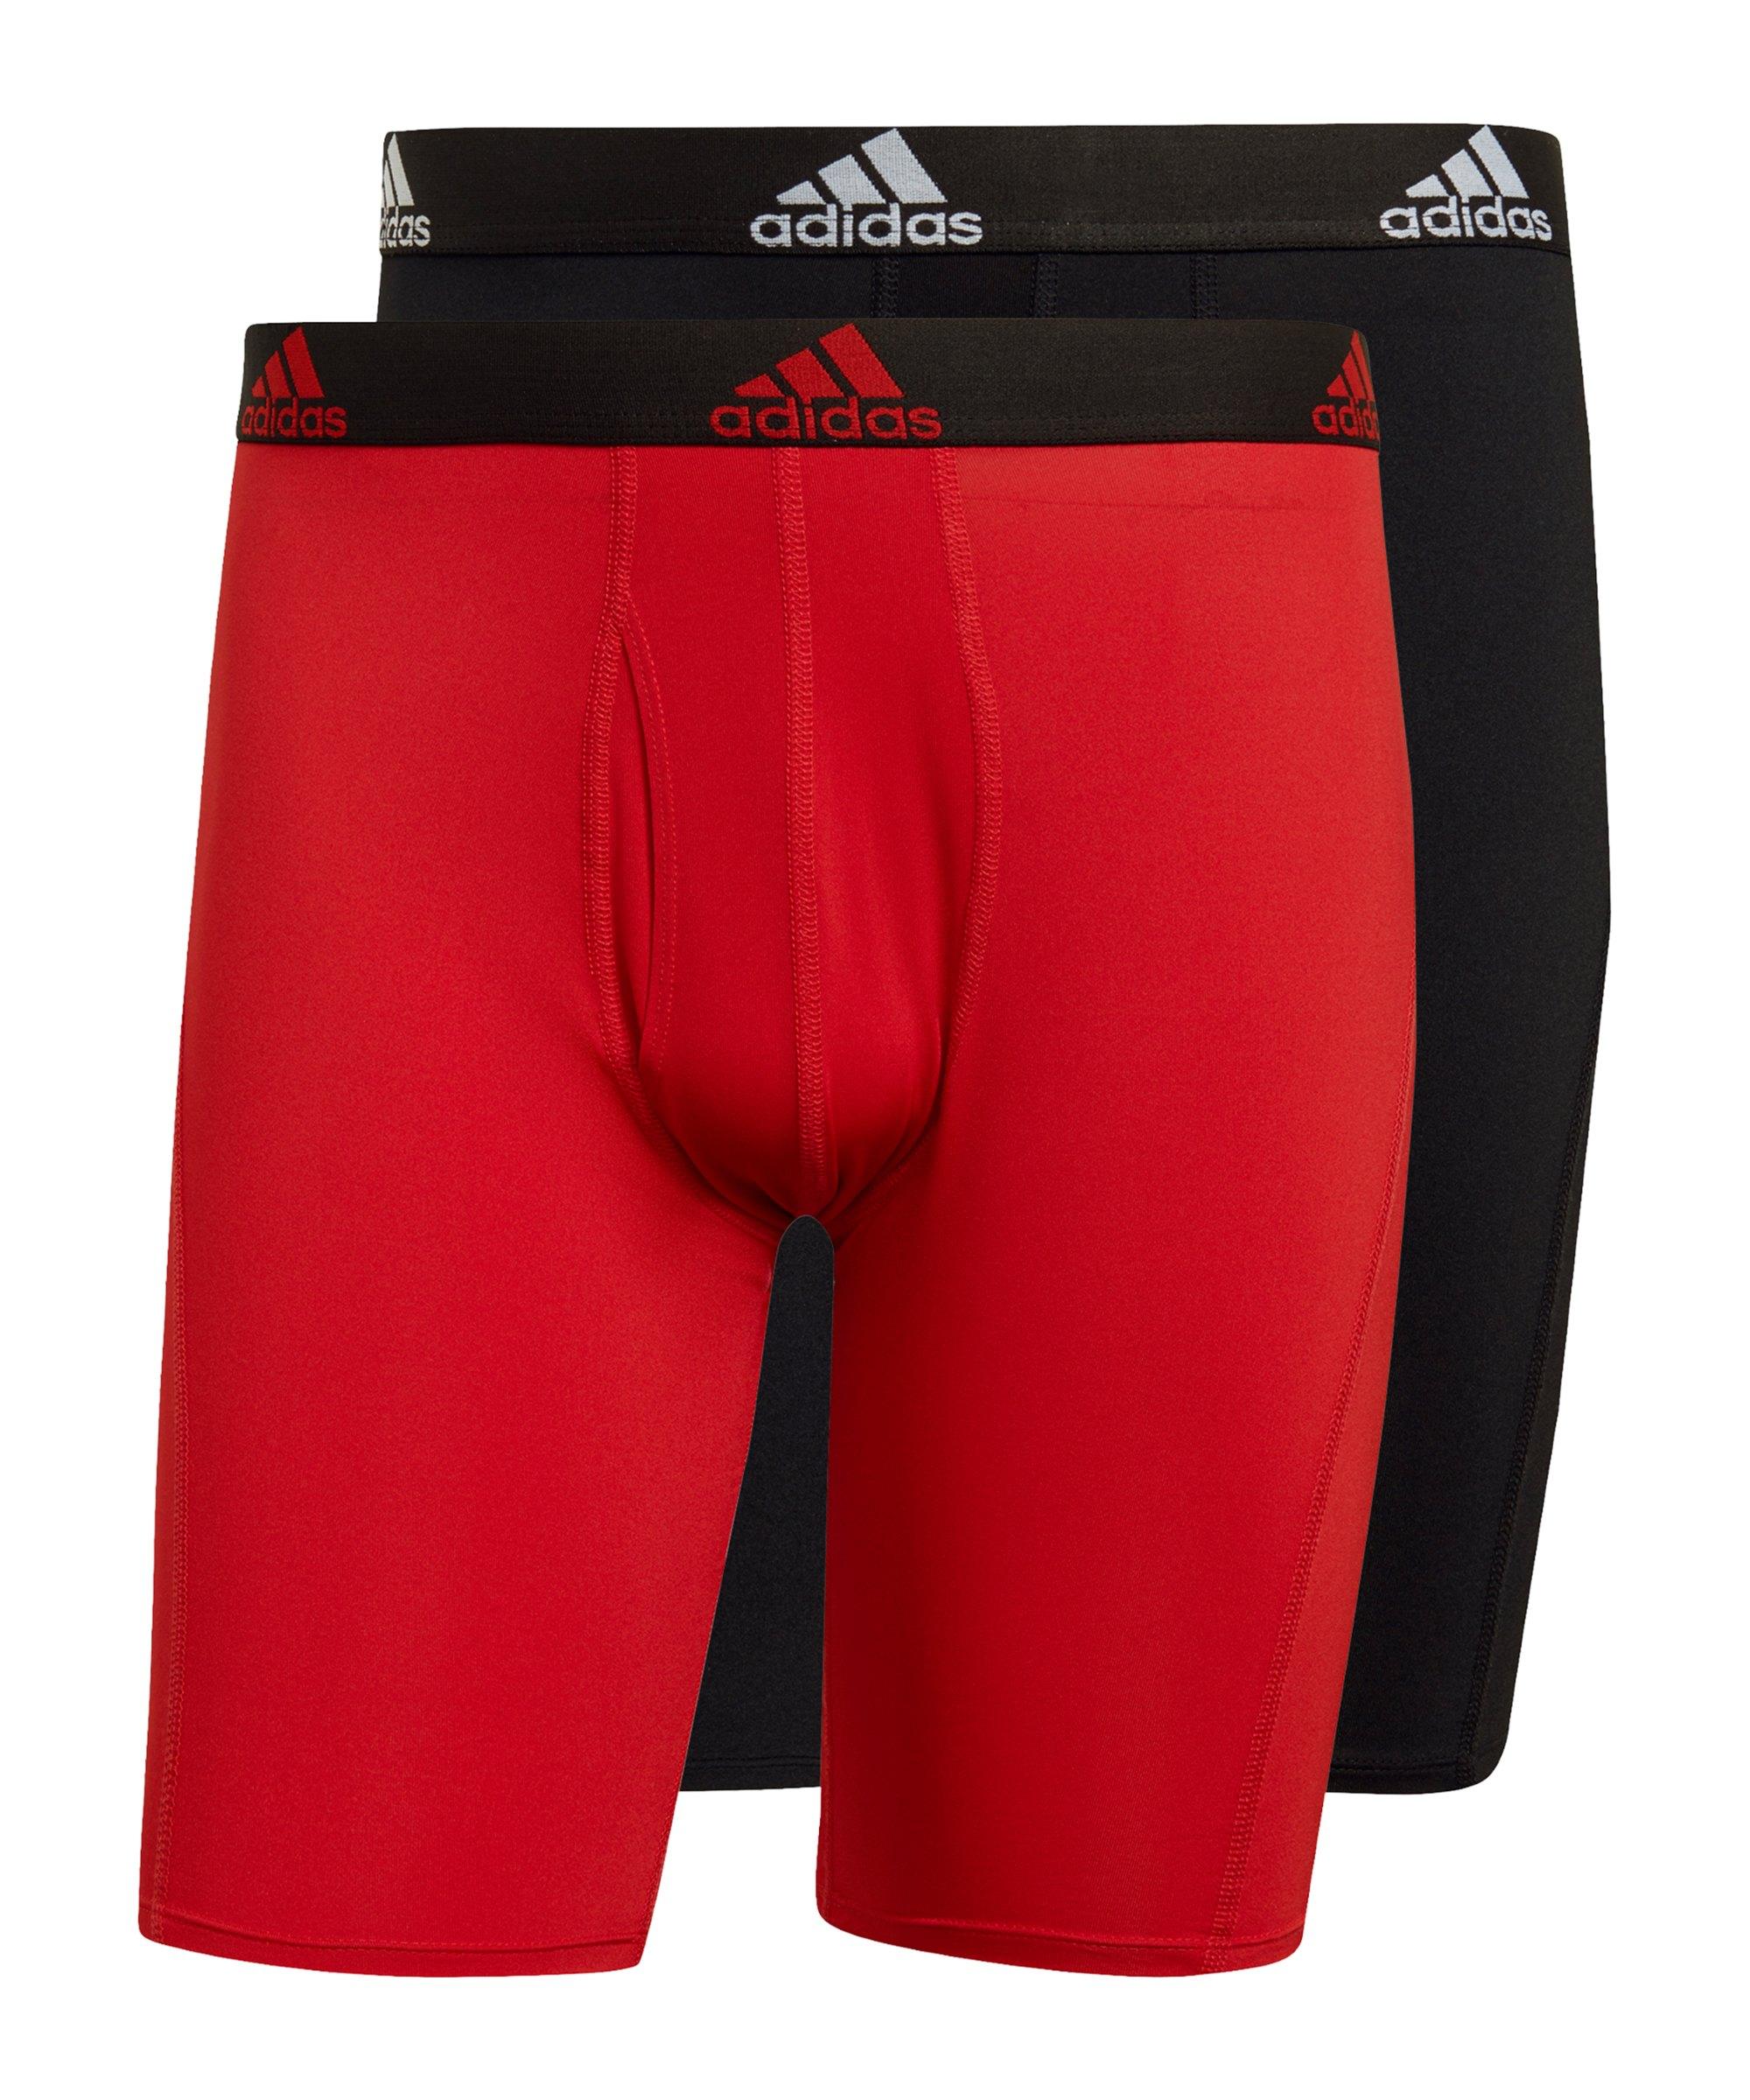 adidas BOS Brief 2er Pack Boxershort Schwarz Rot - schwarz